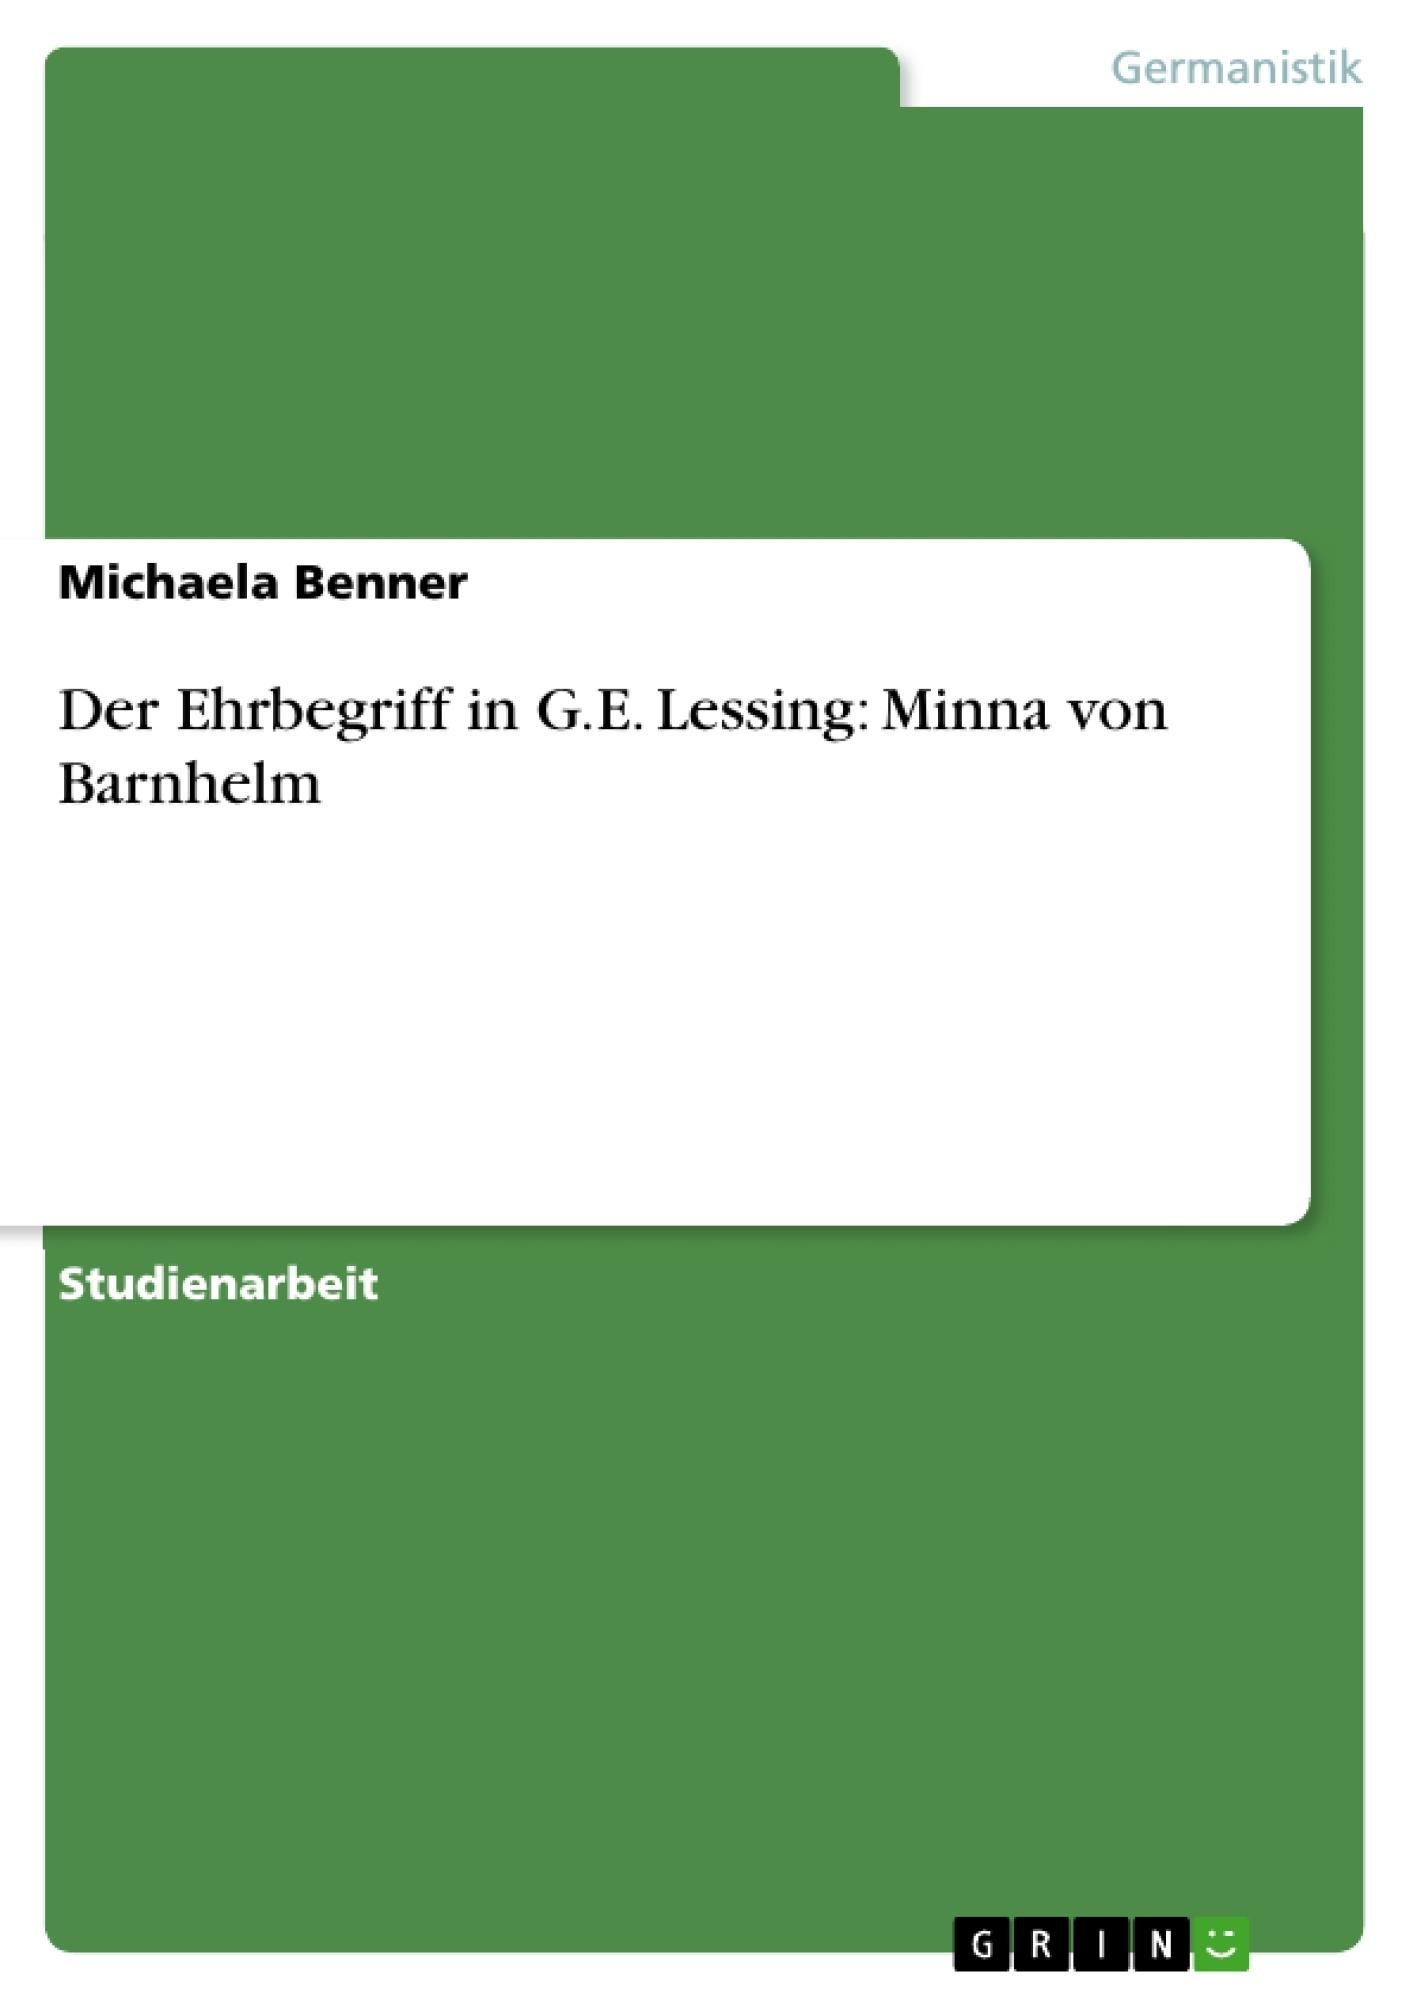 Titel: Der Ehrbegriff in G.E. Lessing: Minna von Barnhelm